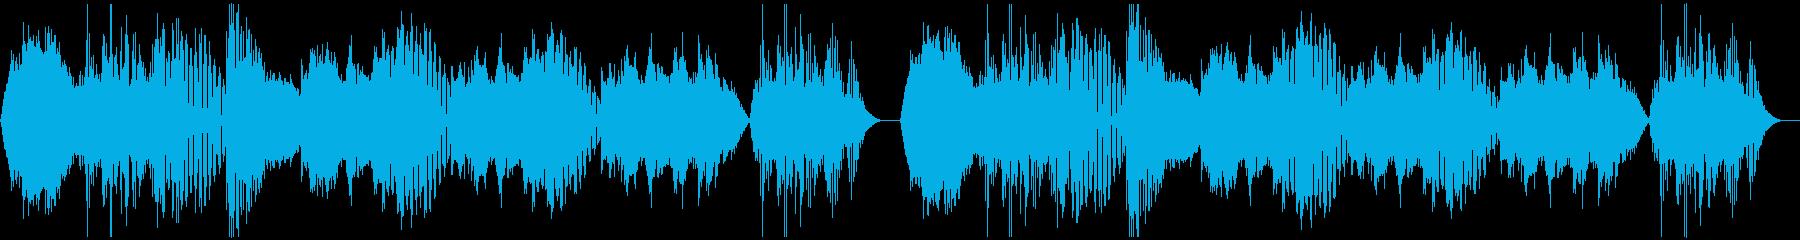 【ホラー/映画/アトラクションBGM】の再生済みの波形